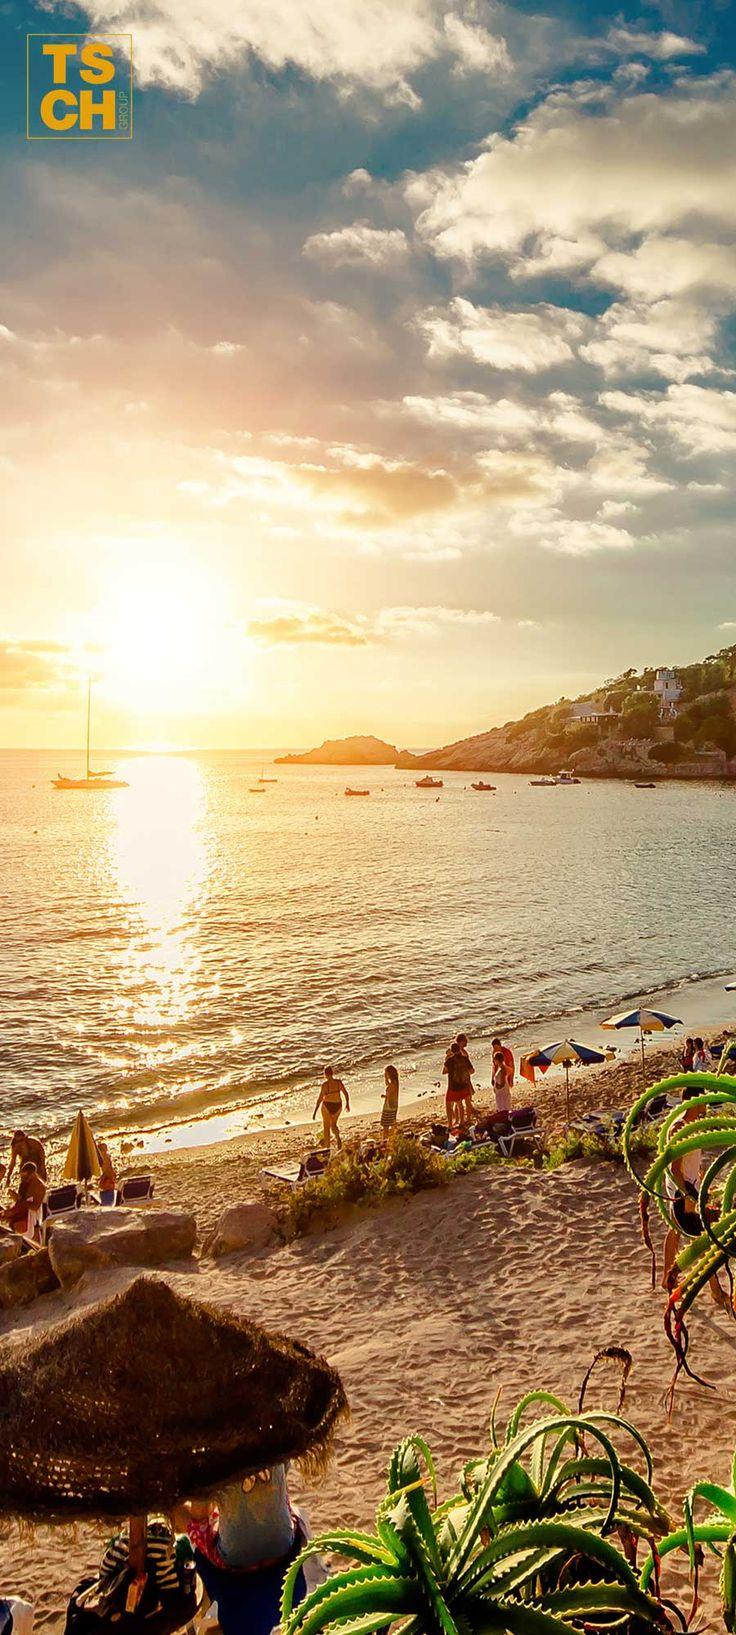 #Sail in beautiful #Ibiza